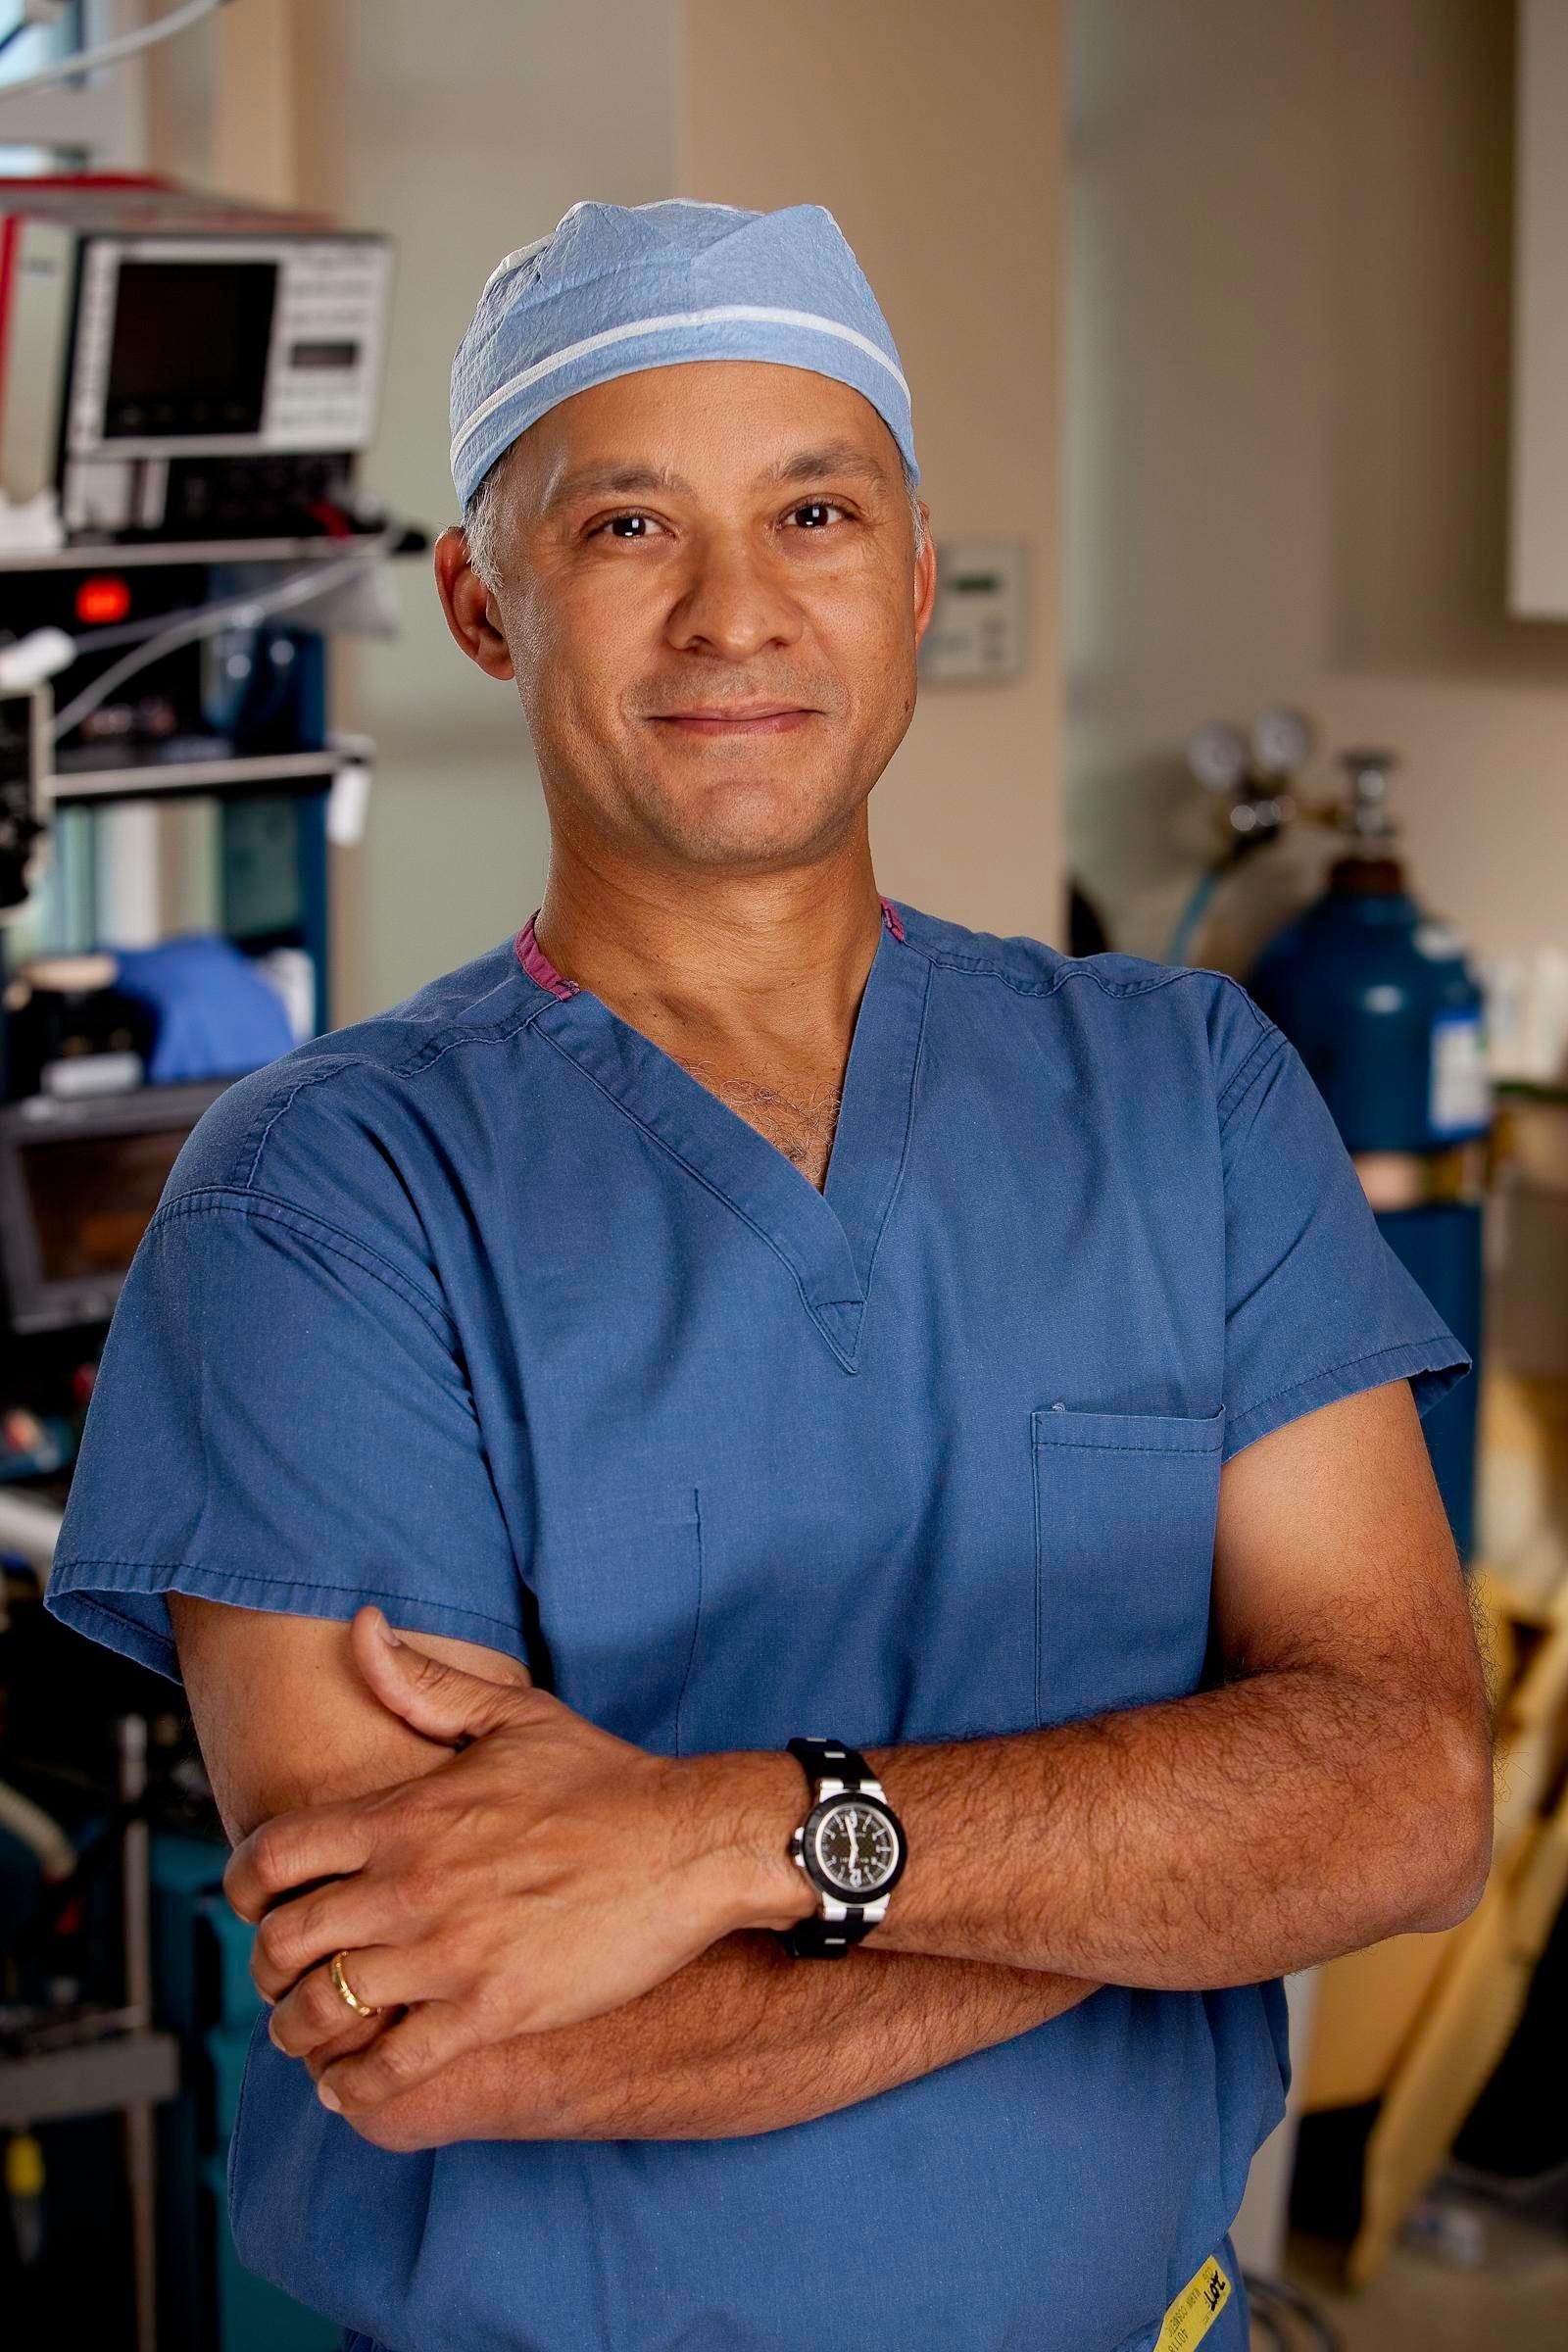 Miguel Delgado, M.D. - San Francisco, CA - Miguel Delgado,MD-Cosmetic and Plastic Surgeon